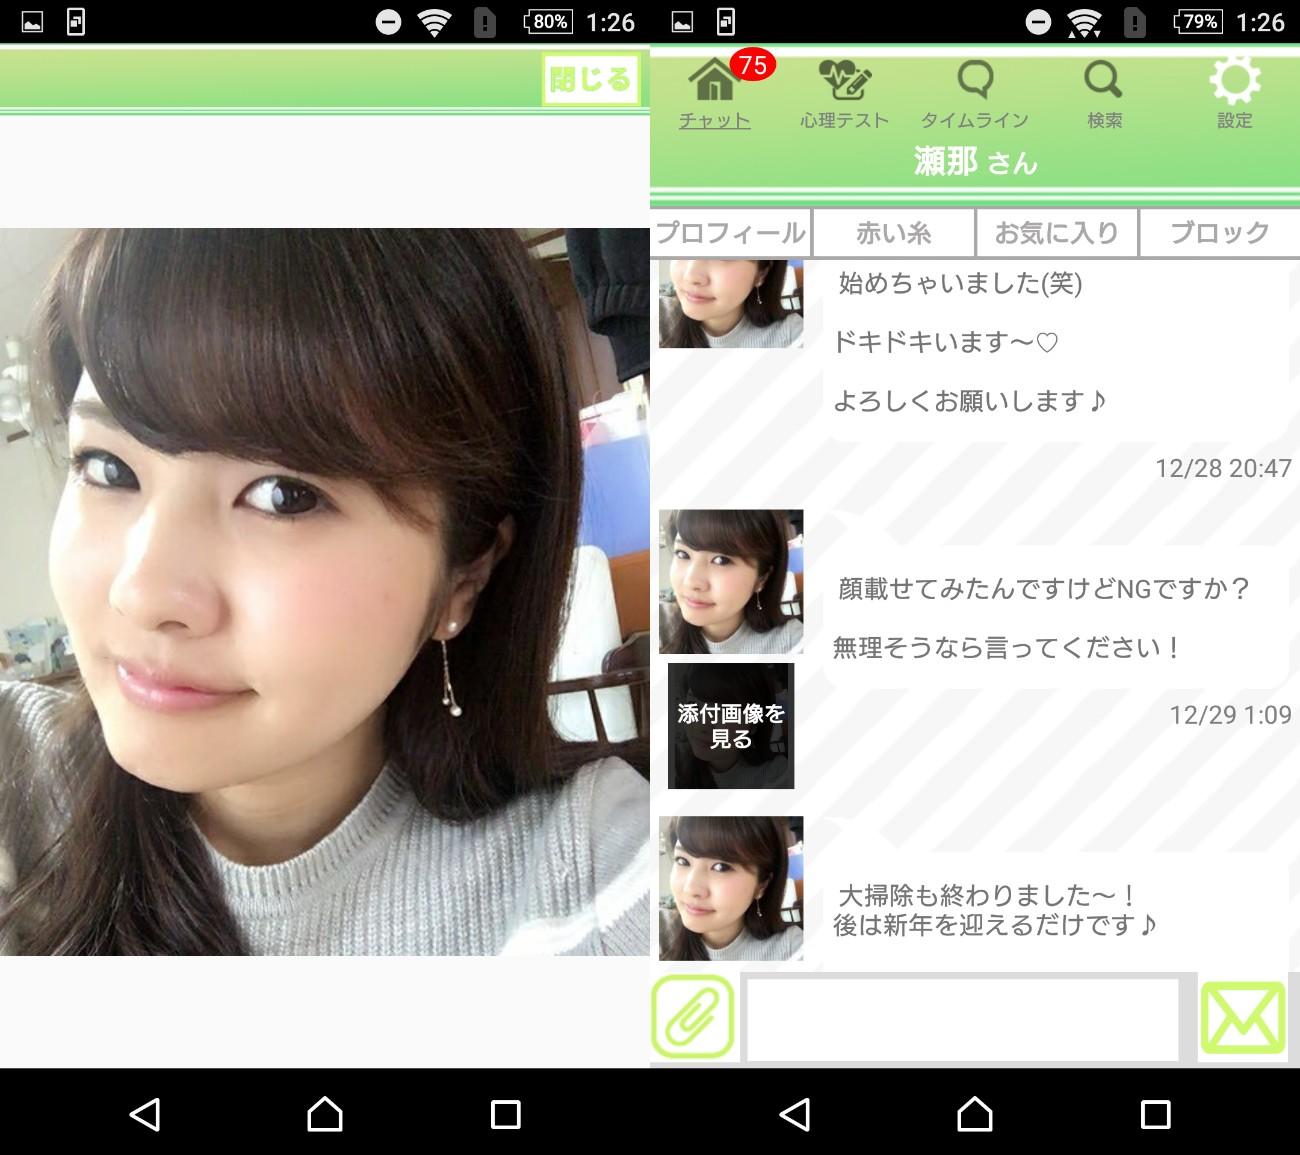 サクラ詐欺出会い系アプリ「Jump」サクラの瀬奈